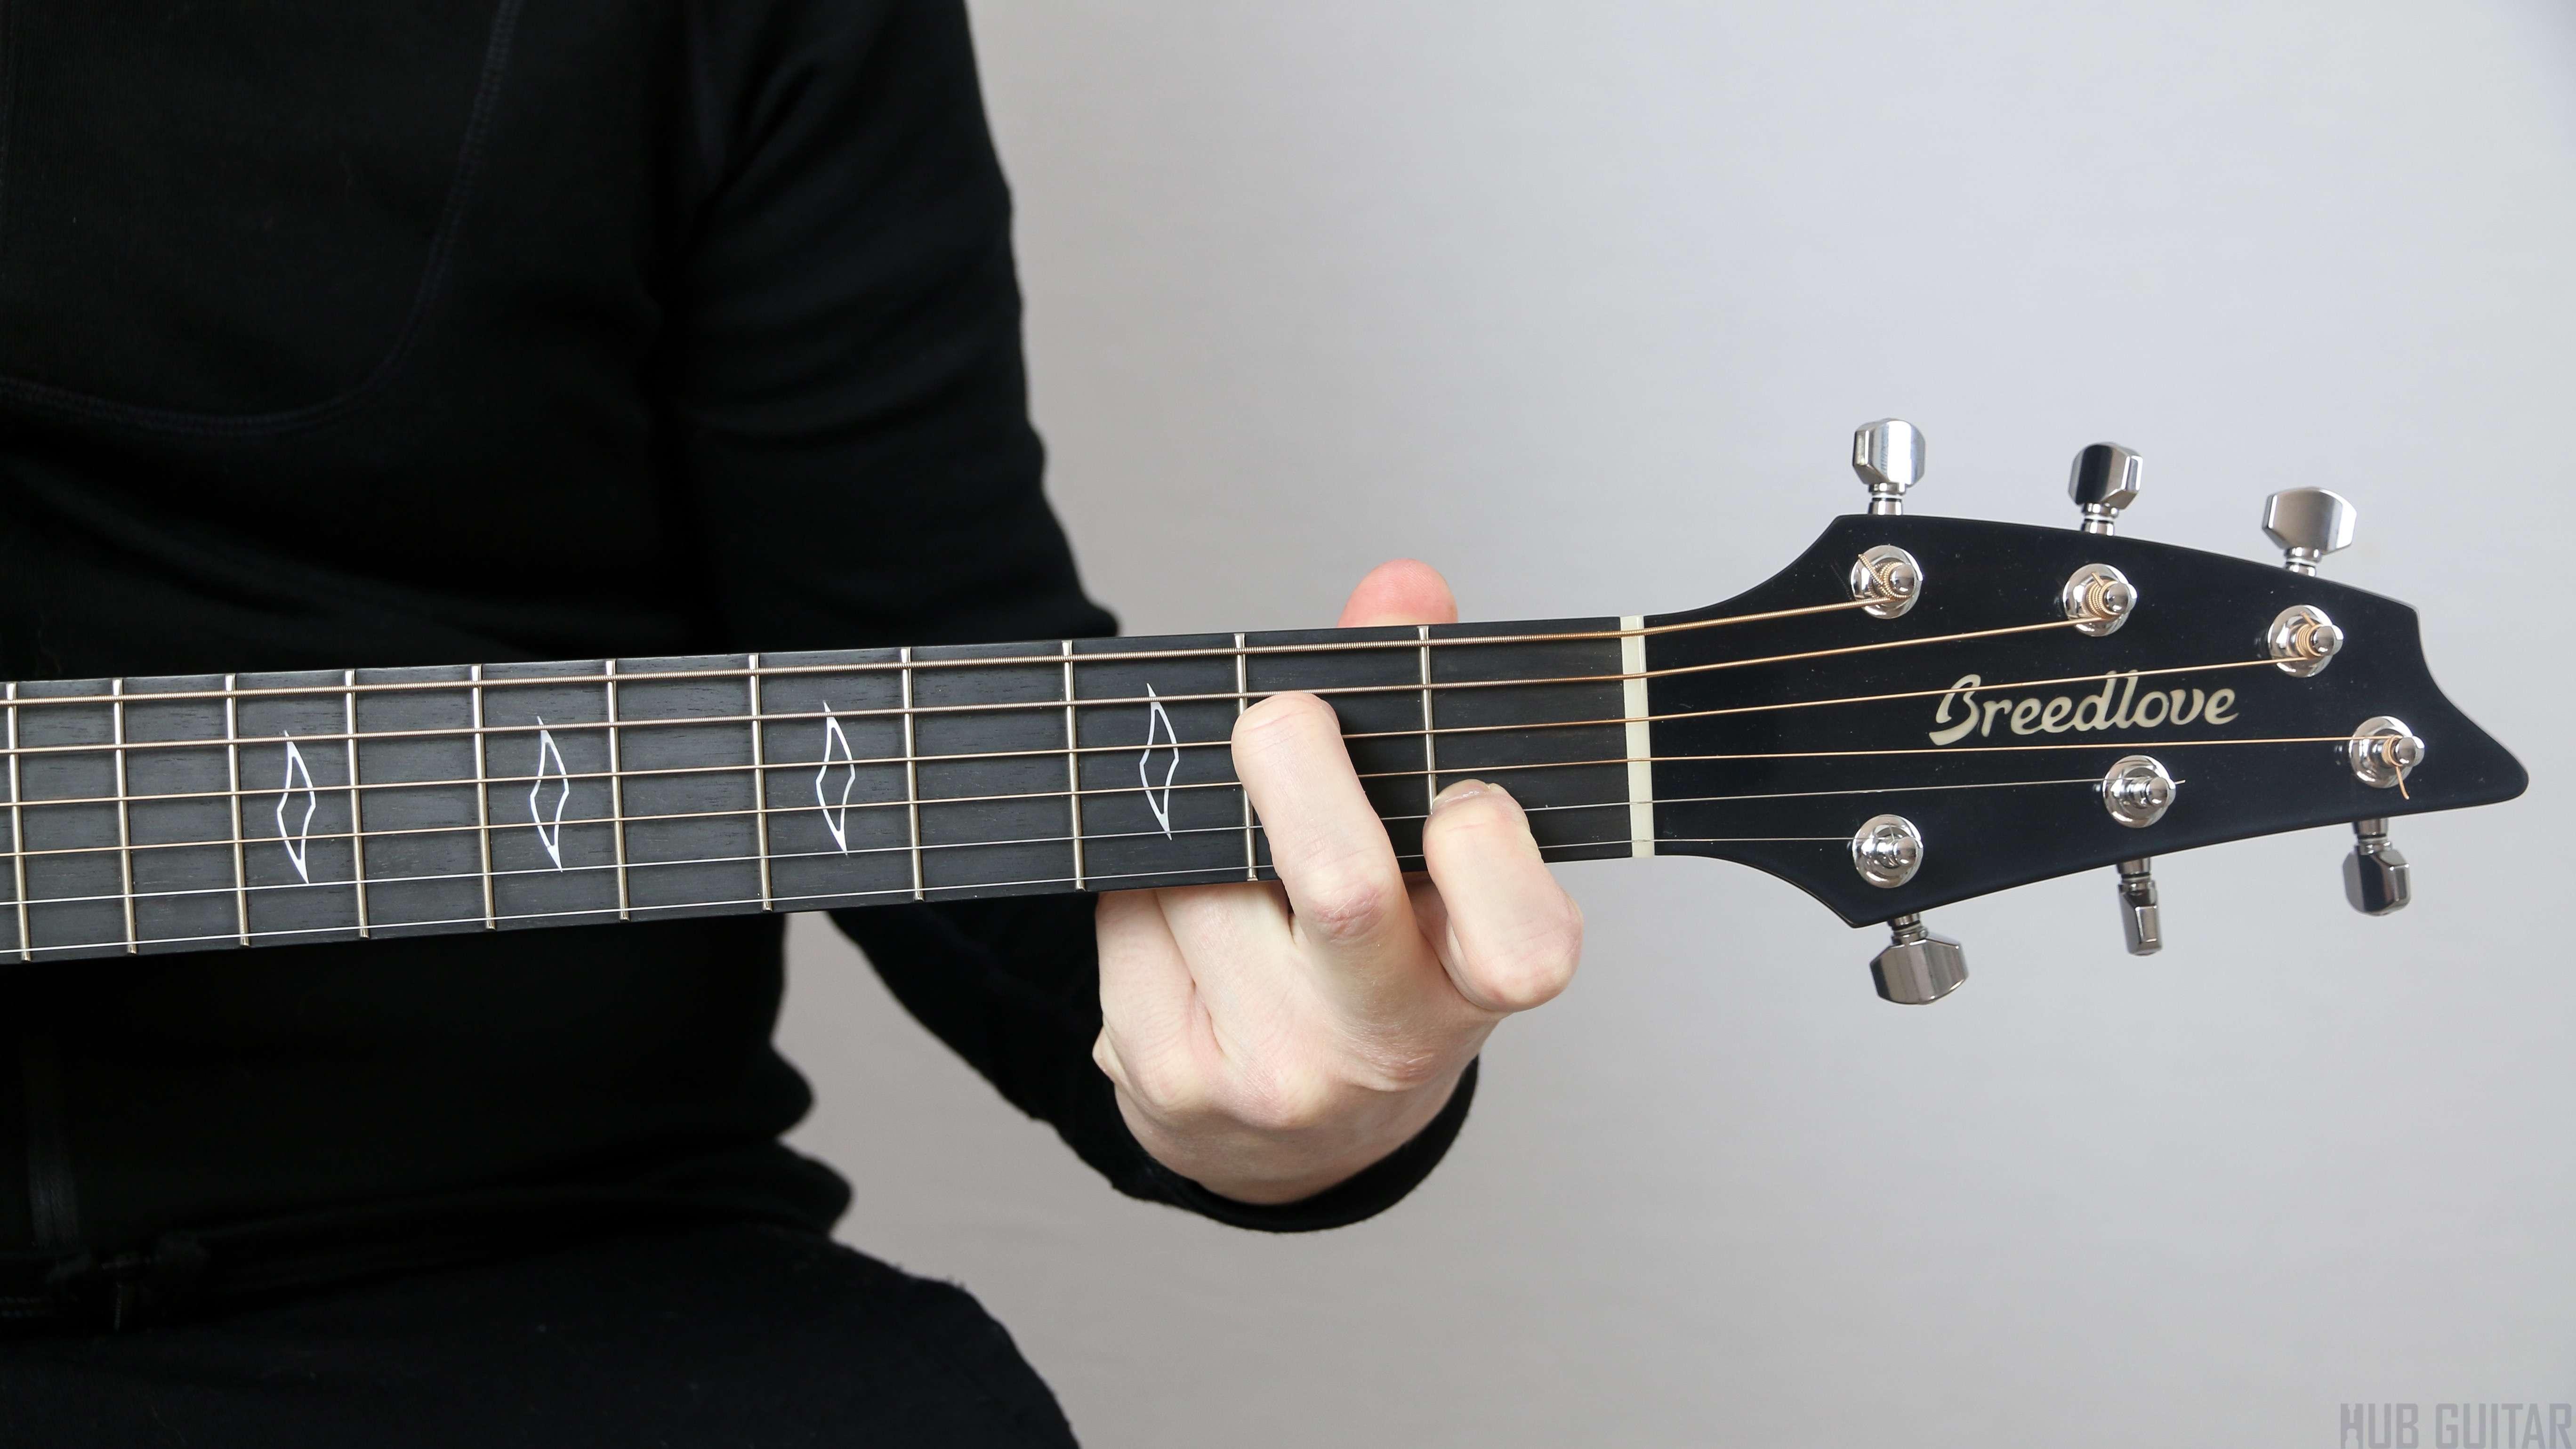 Comprehensive List Of 2 Finger Chords For Guitar Hub Guitar